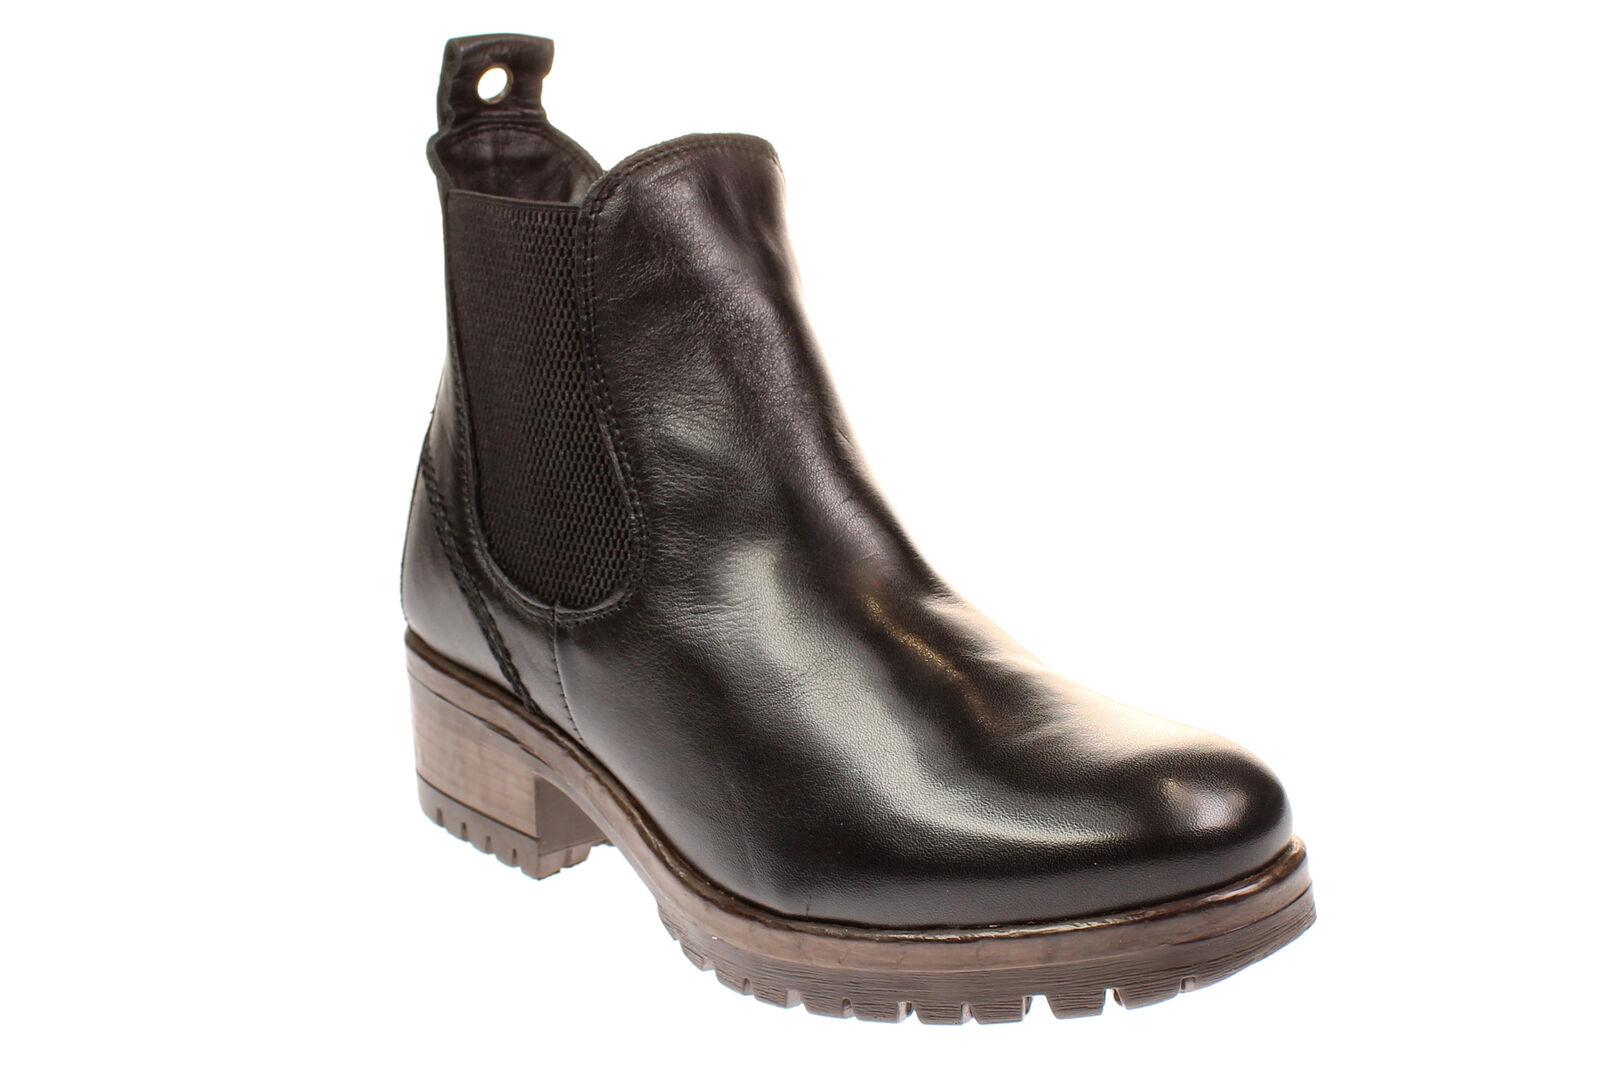 Maca Kitzbühel 2300-zapatos señora señora señora botas botas-negro 9a3276